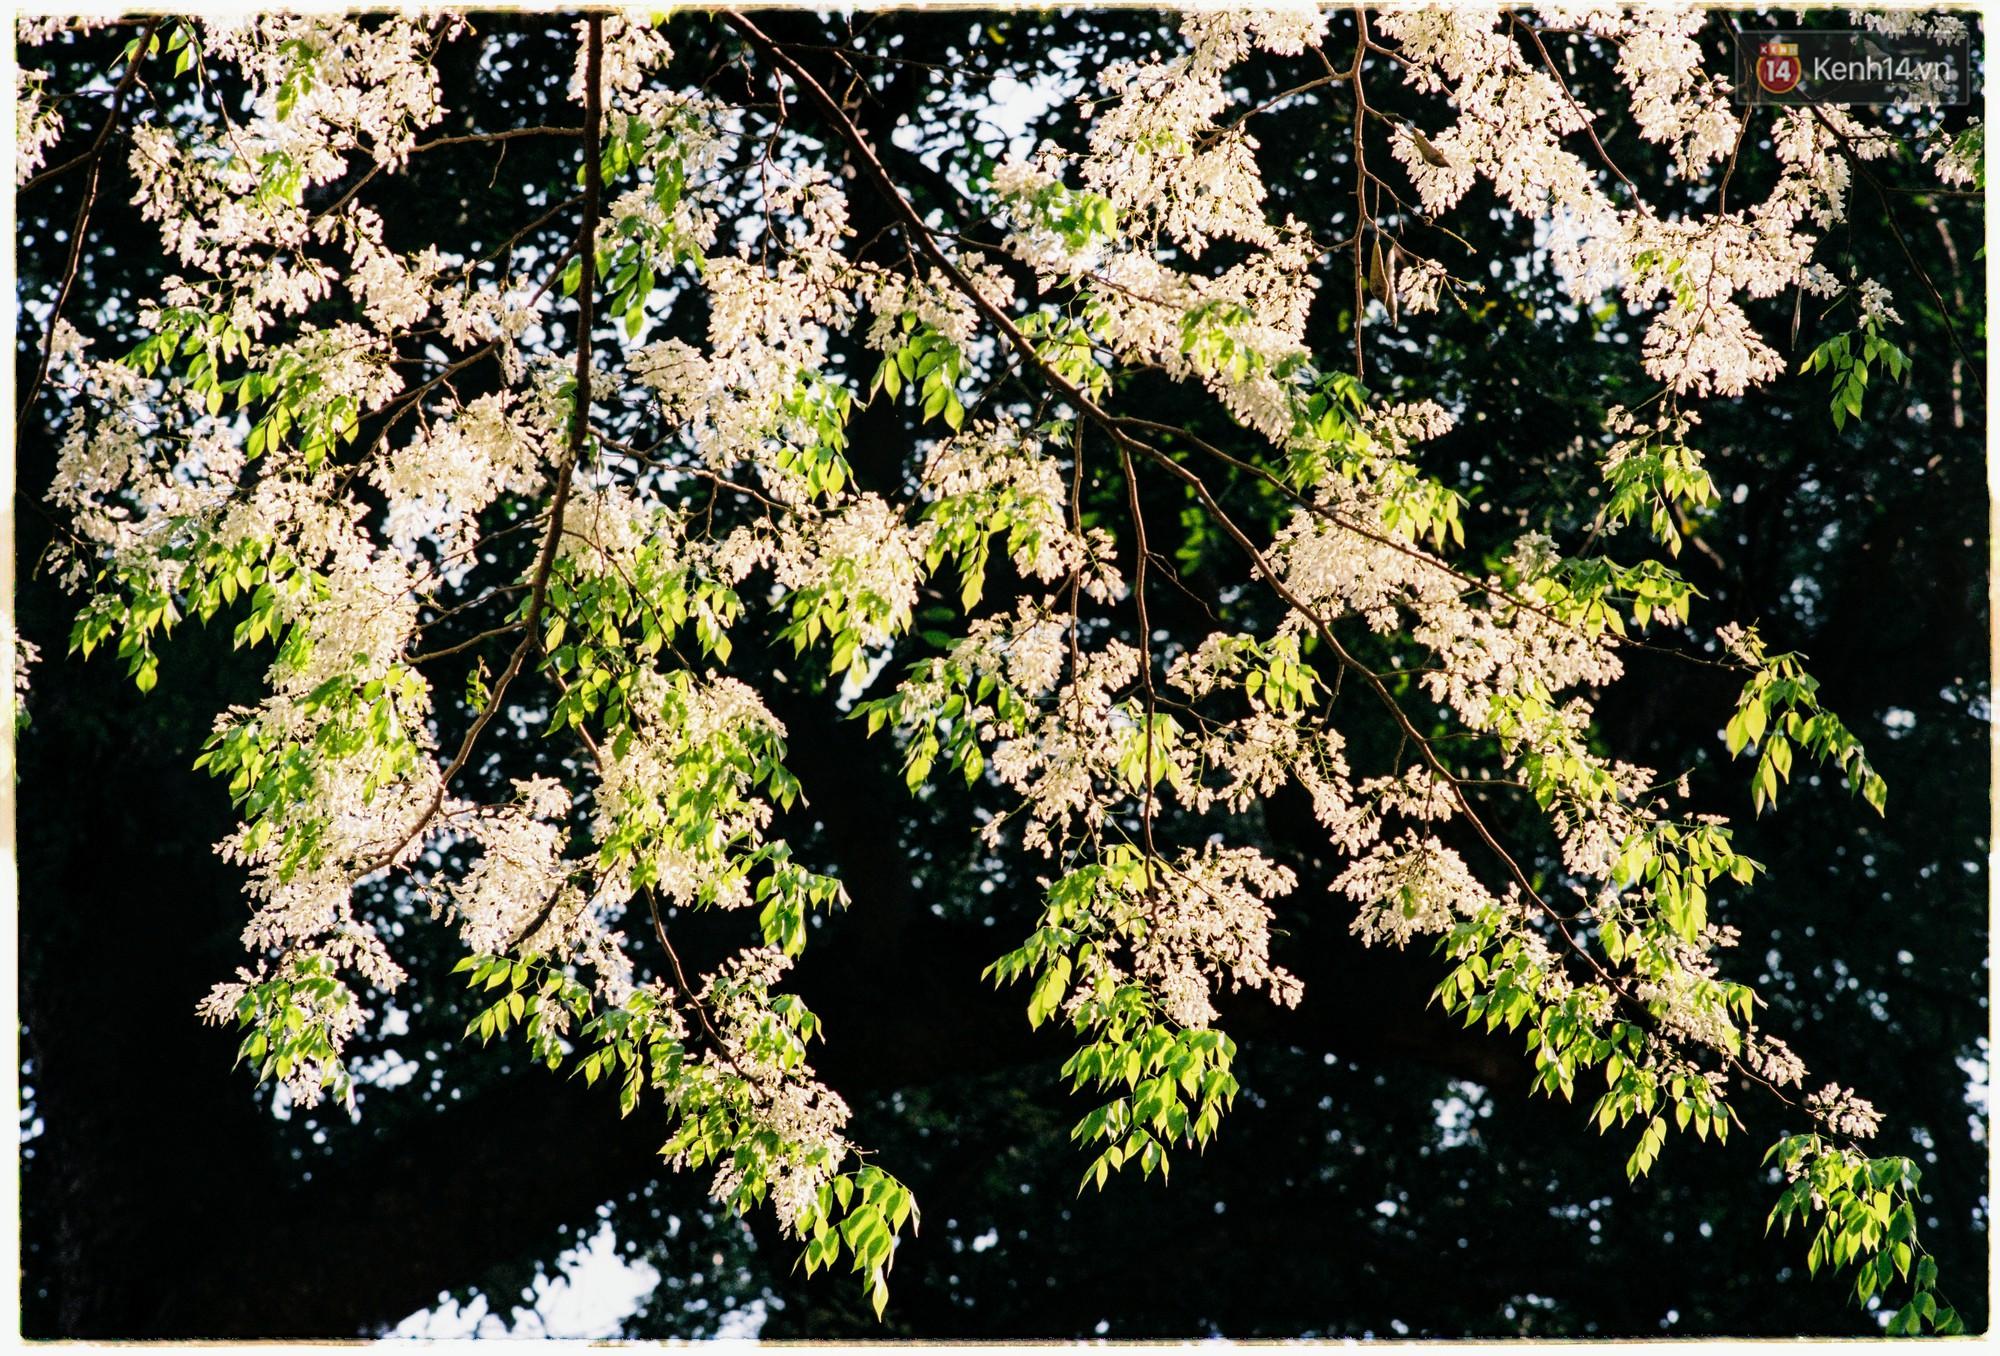 Hà Nội những ngày se lạnh, nắng đẹp và lá đỏ rợp góc phố - Ảnh 7.